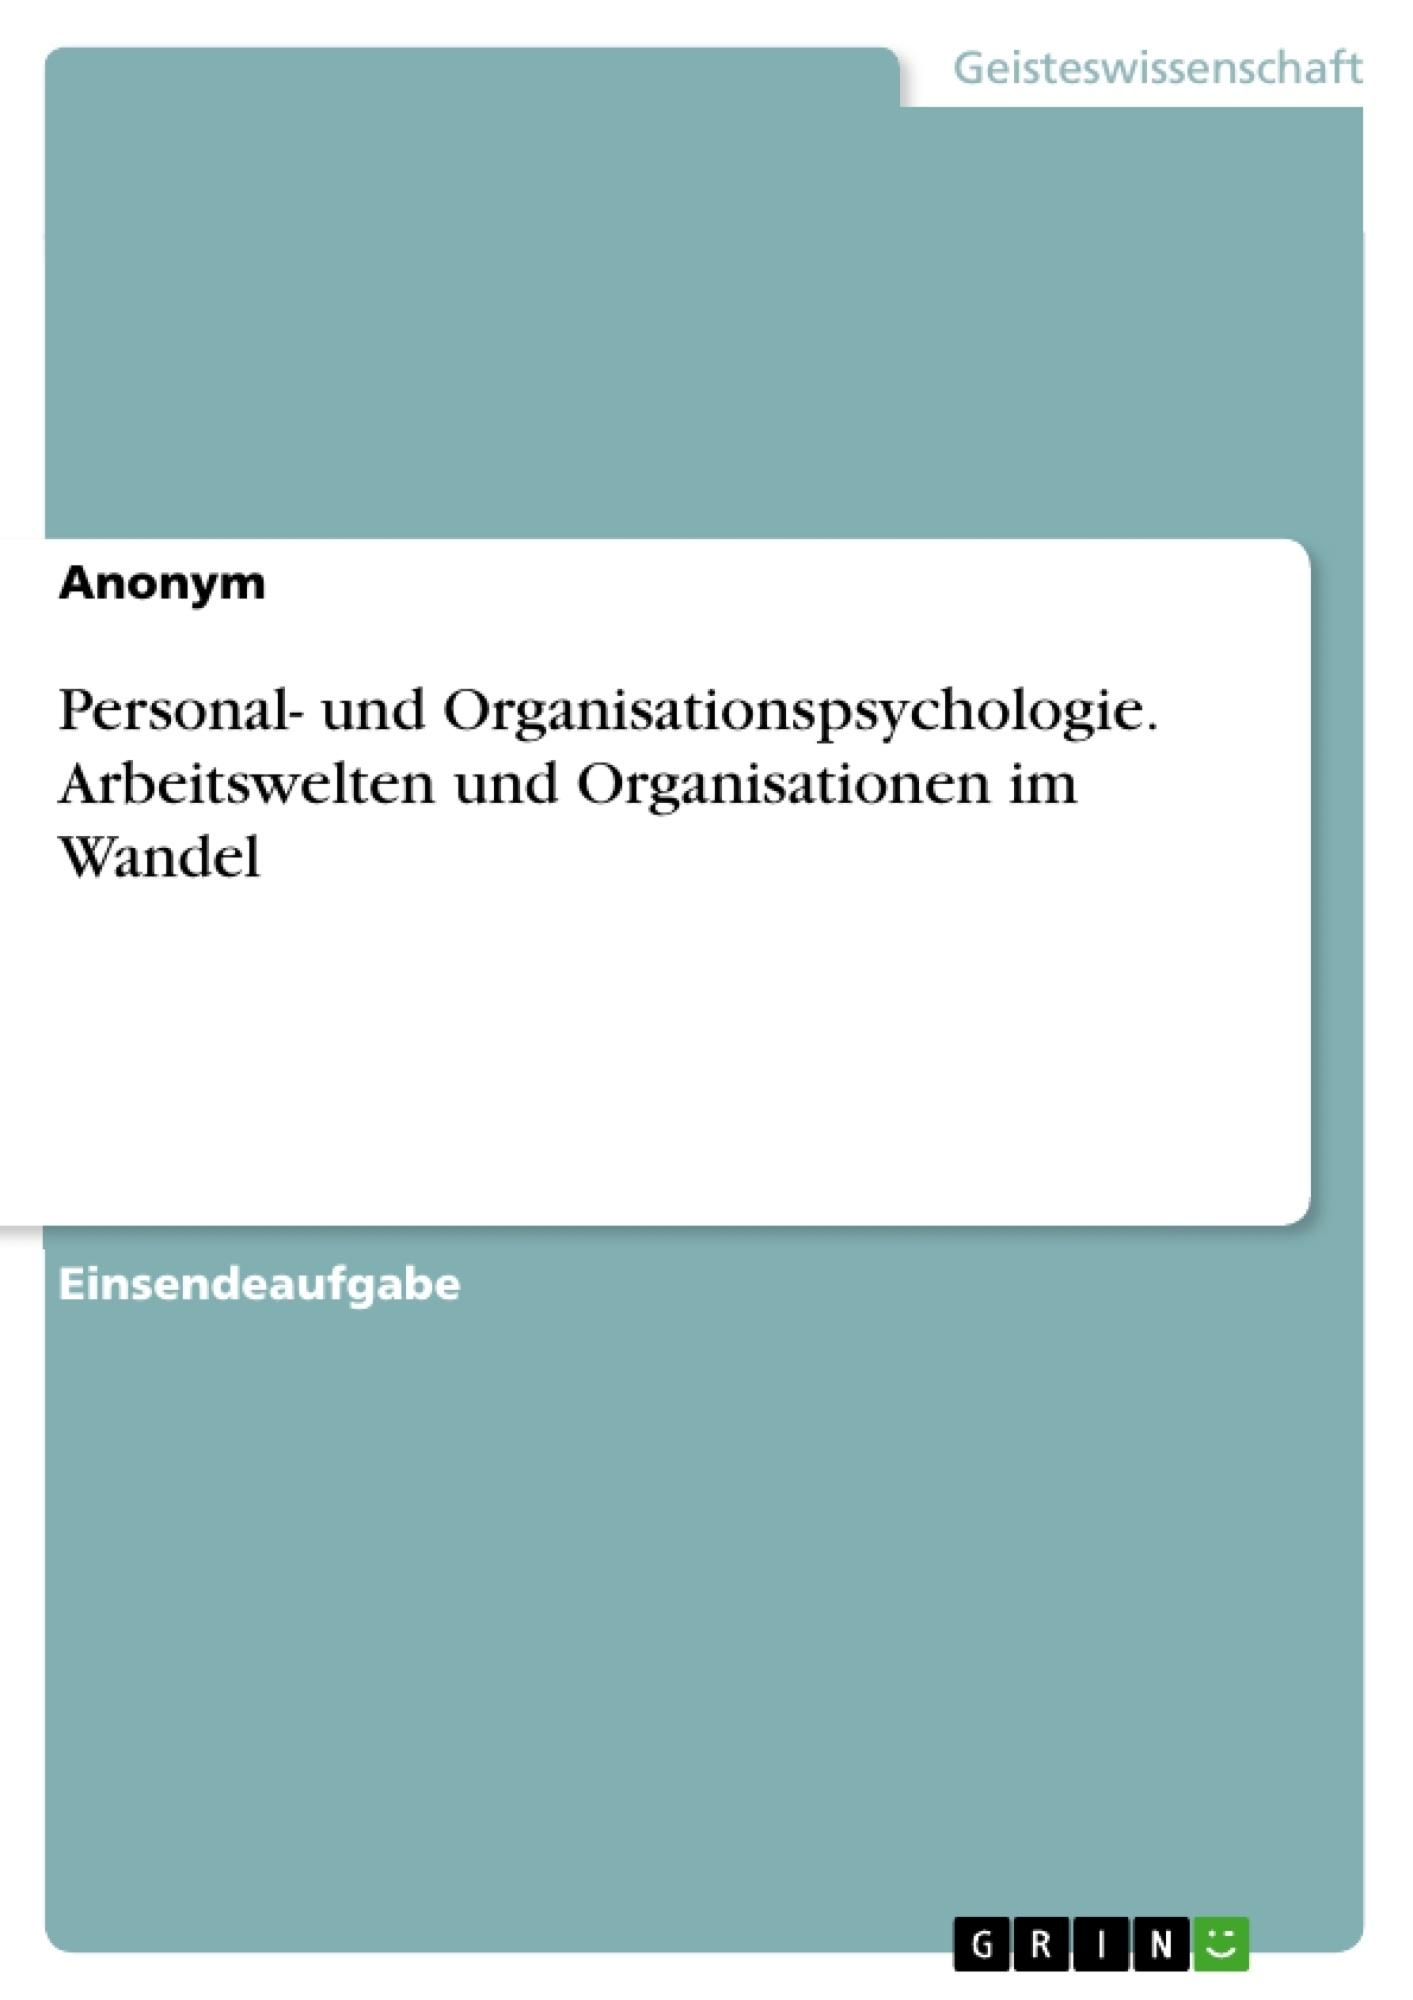 Titel: Personal- und Organisationspsychologie. Arbeitswelten und Organisationen im Wandel